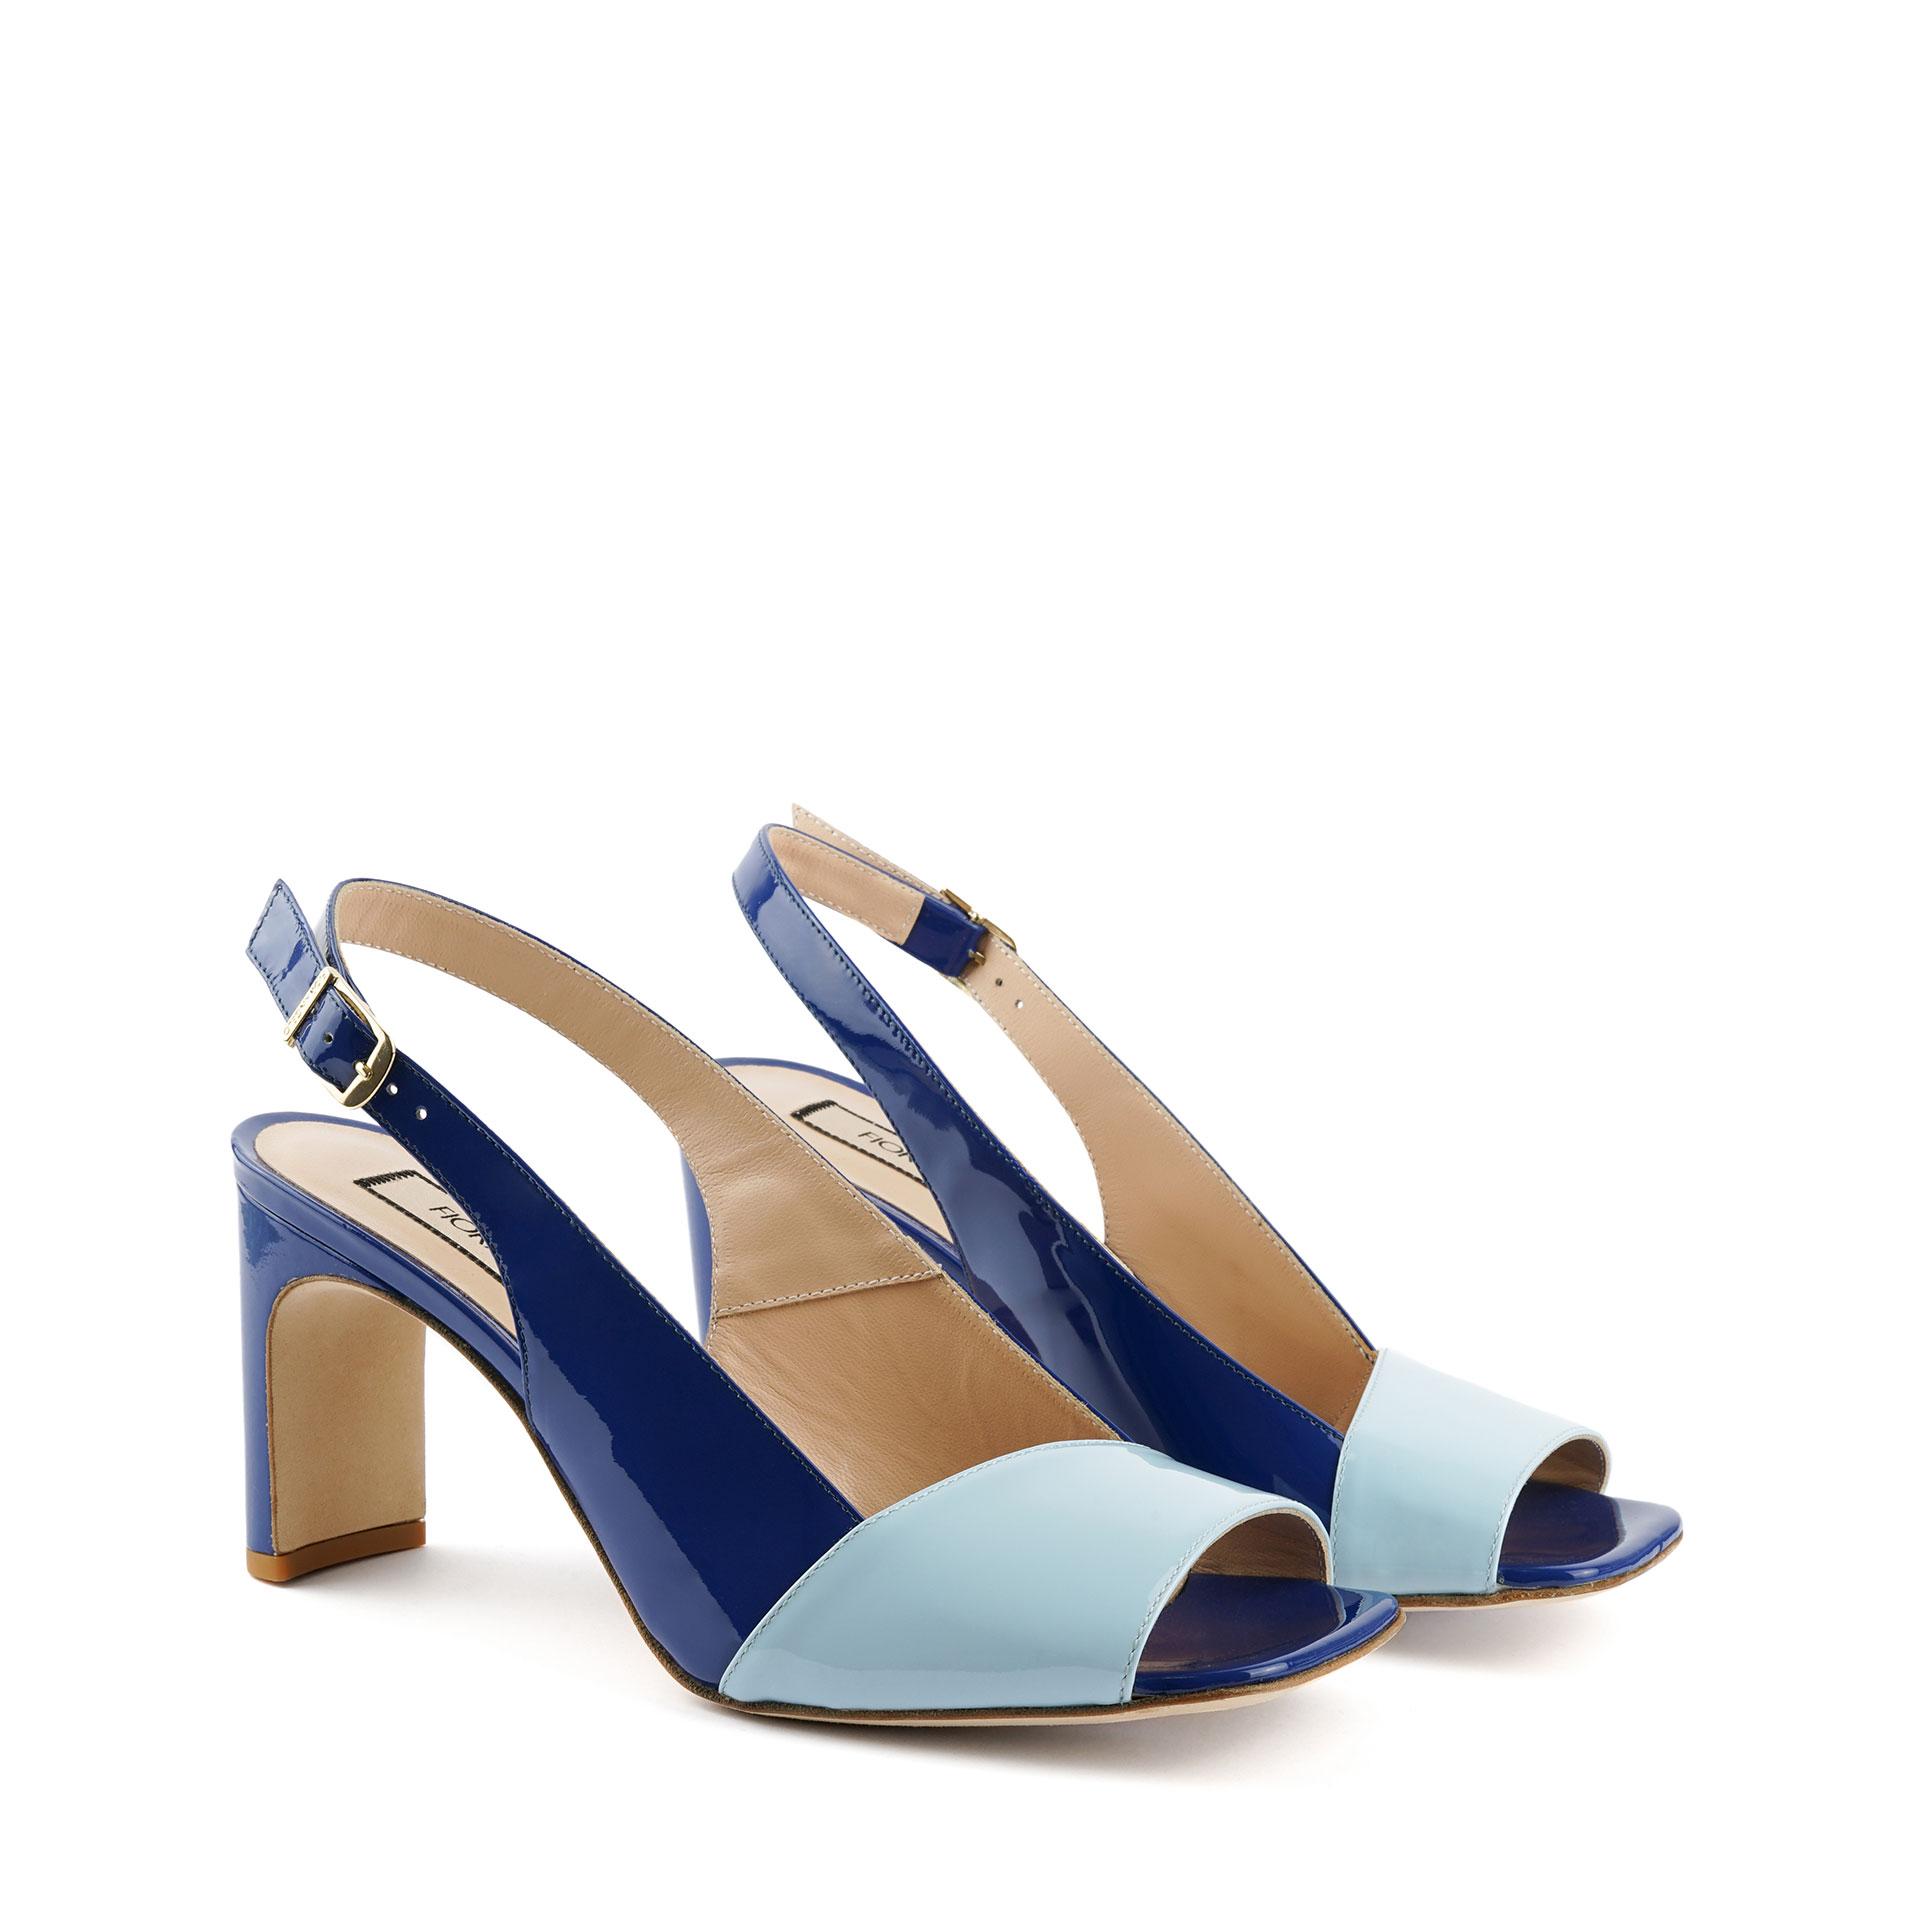 SHOES FIORANGELO WOMAN SS2021 ART. 75080 SANDAL PATENT JEANS LIGHT BLUE